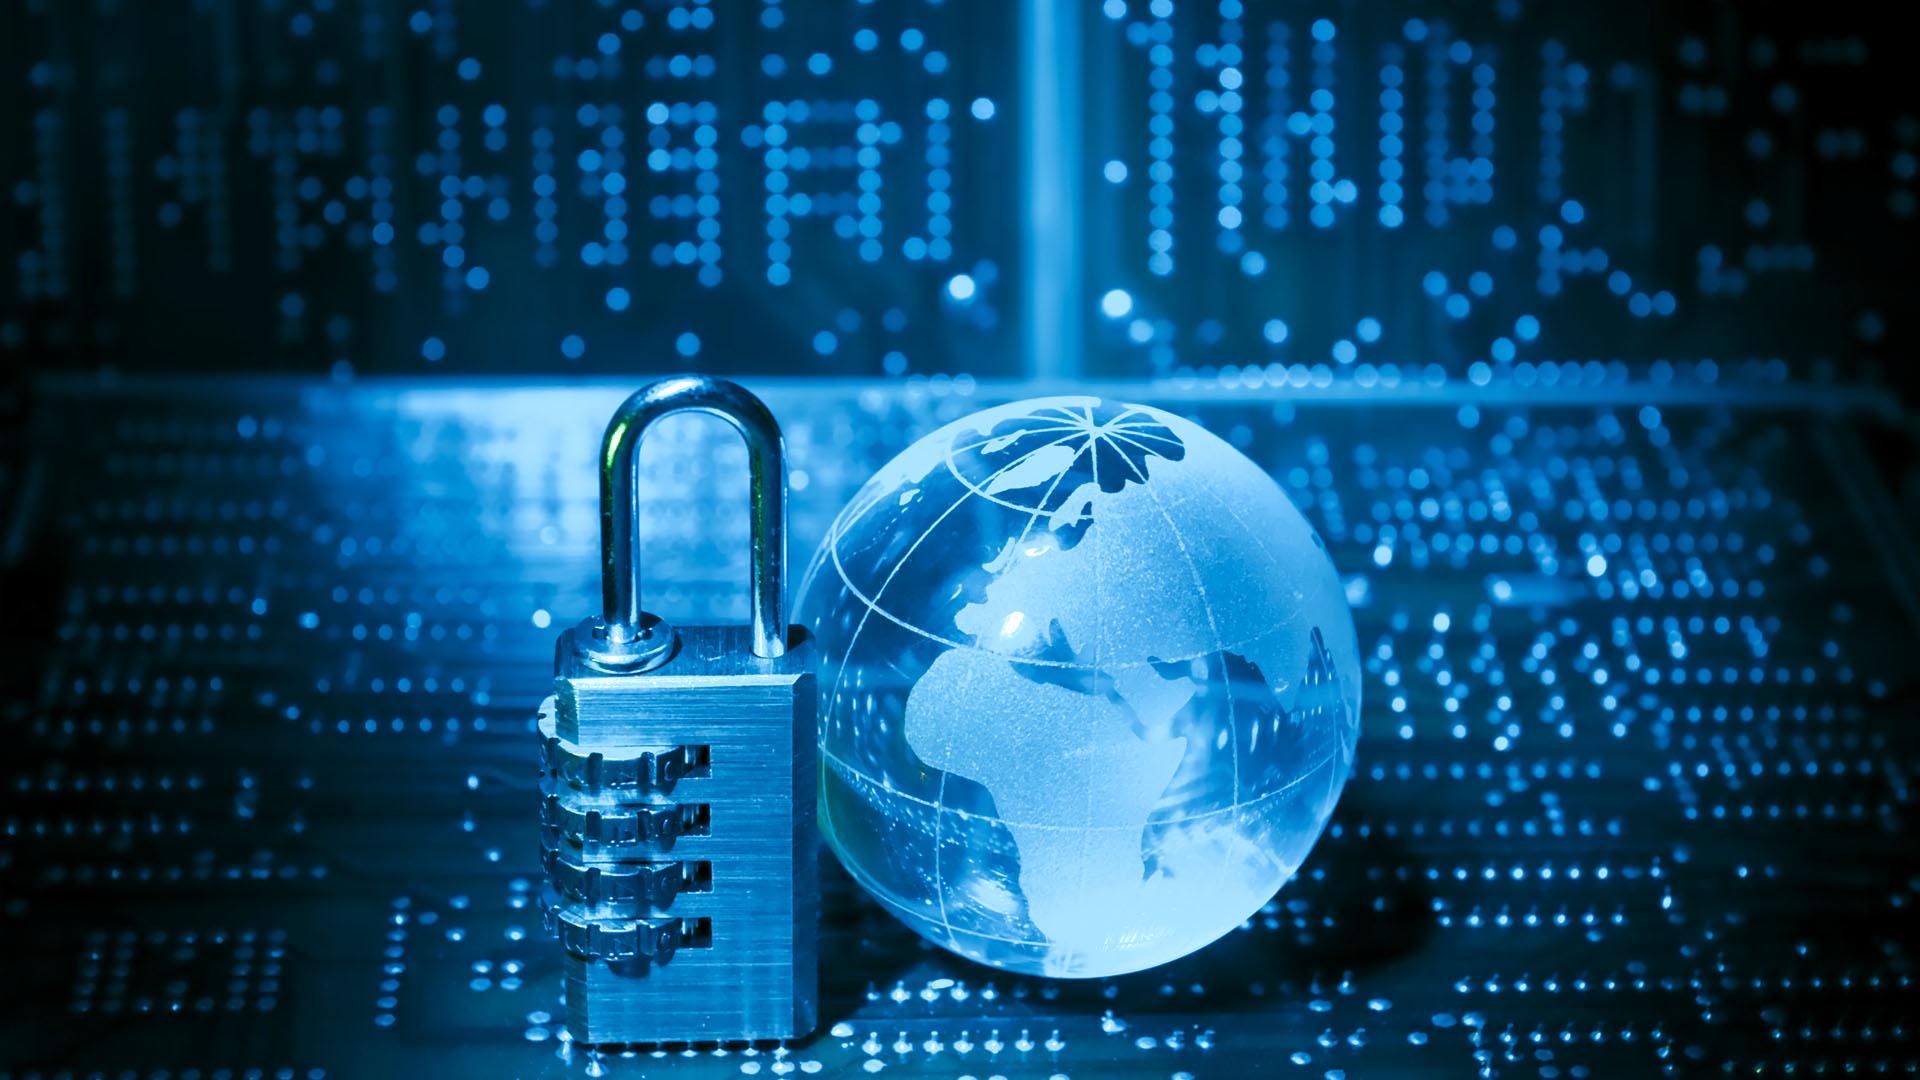 """В """"Ростелекоме"""" предсказали """"кадровую яму"""" в информационной безопасности"""